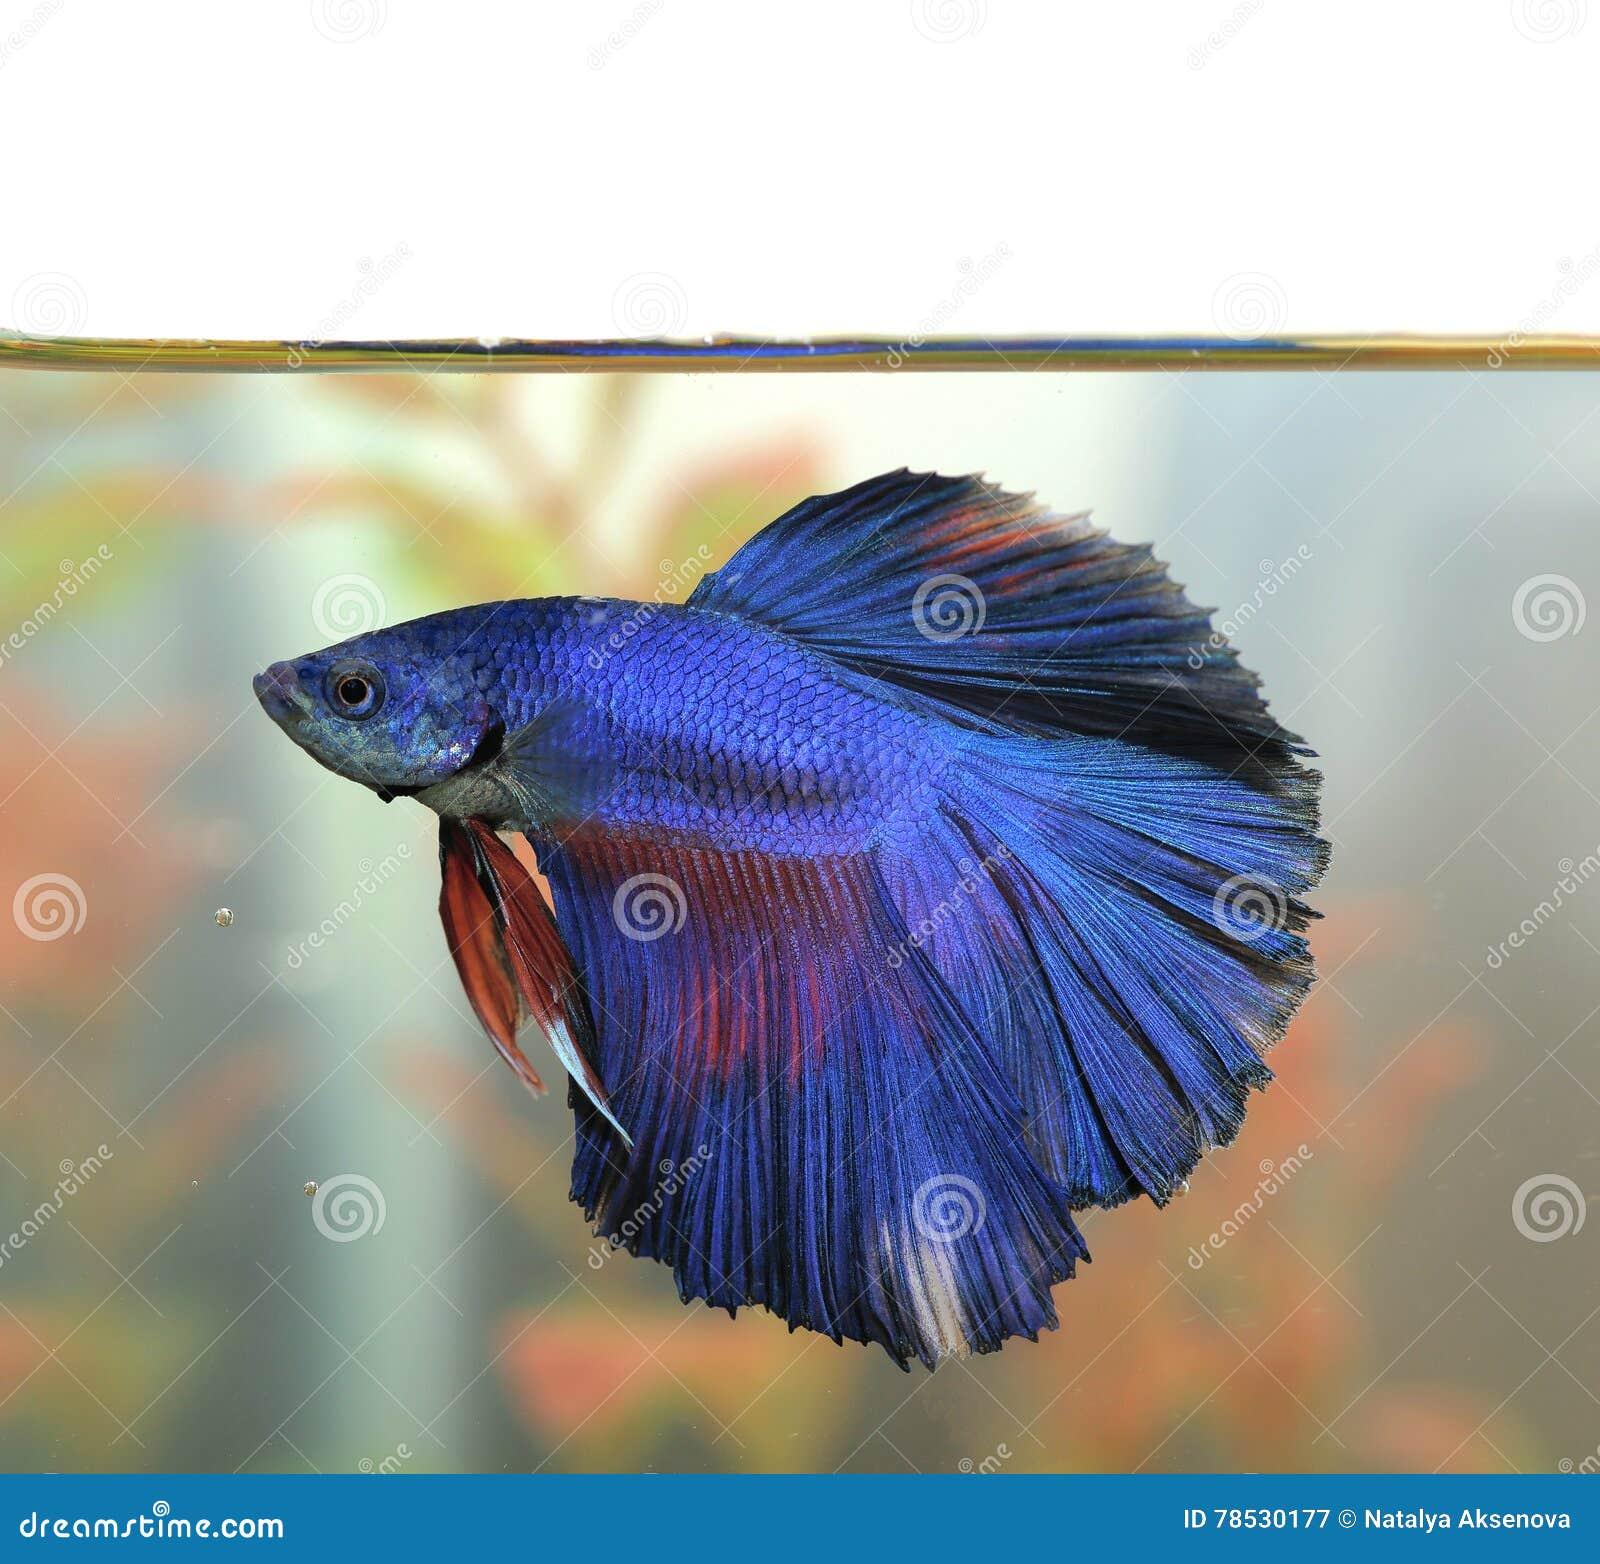 Blue betta fish Aquarian swims in aquarium water